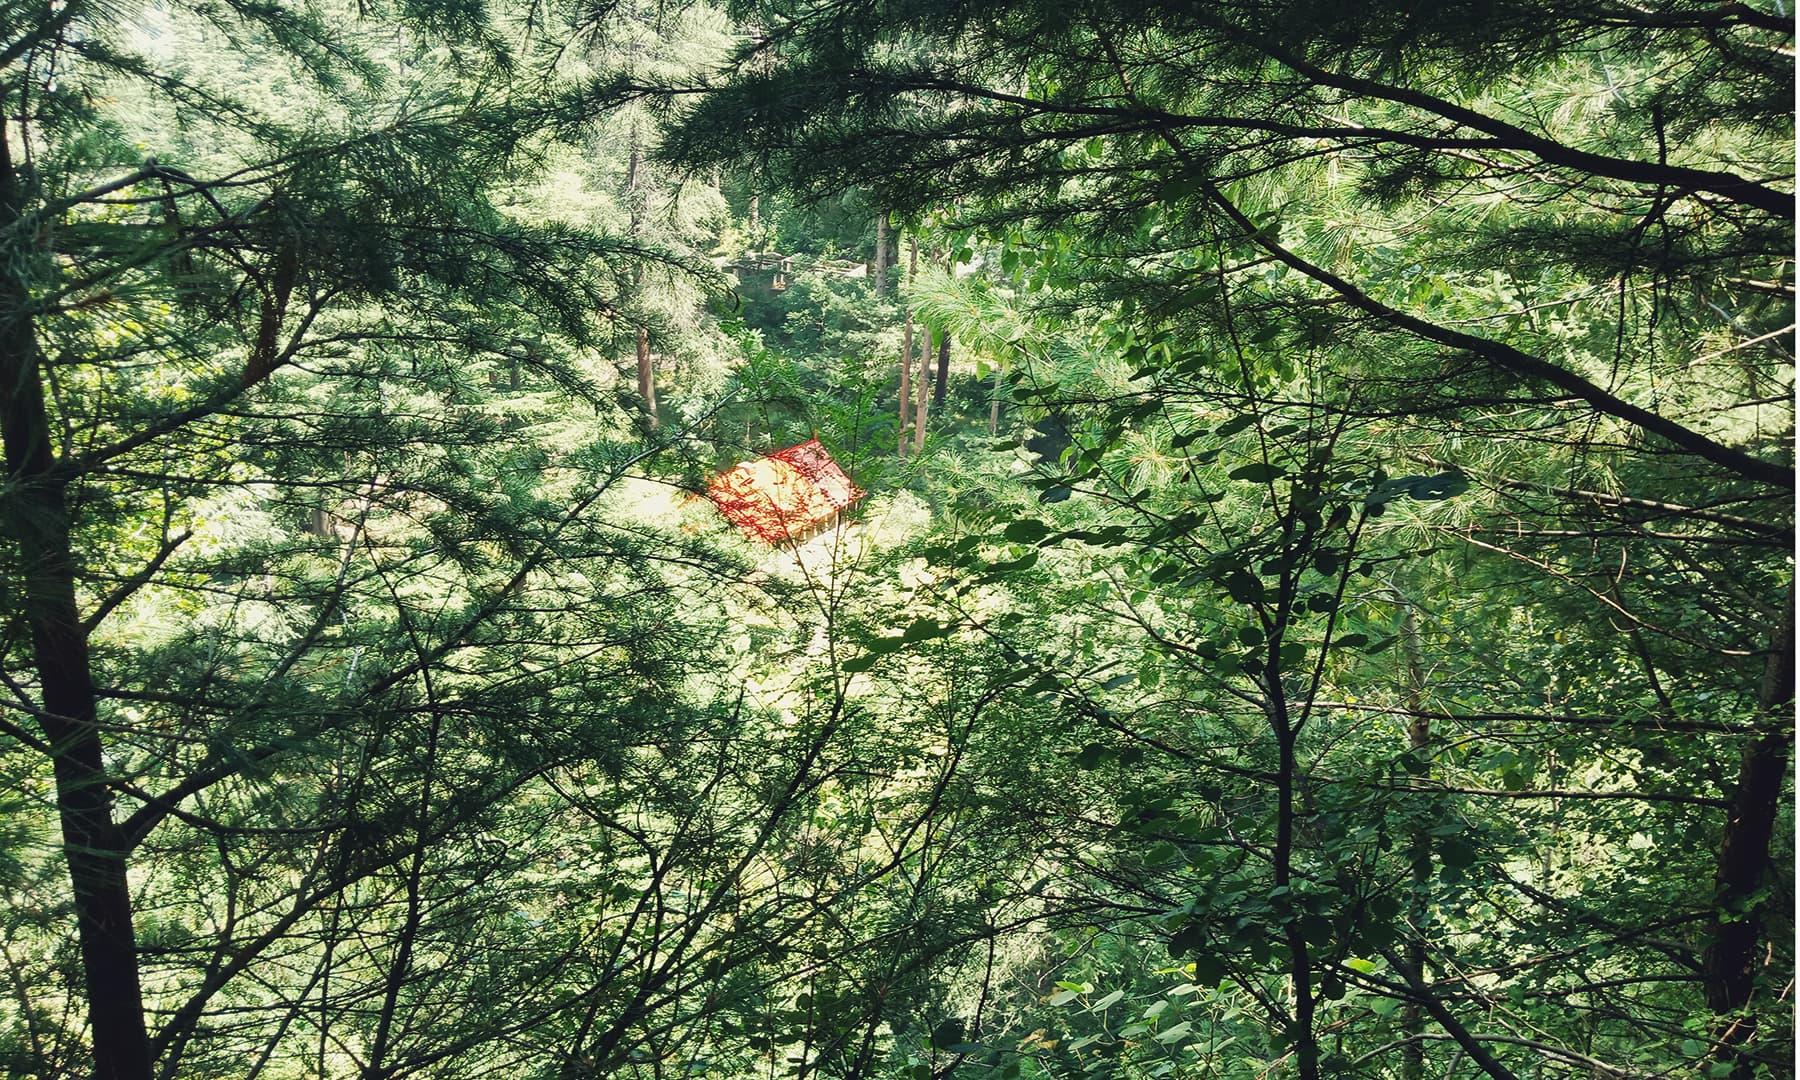 کمال بن کے جنگل میں واقع محکمہ جنگلات کا ریسٹ ہاؤس—محمد فیاض خان سواتی